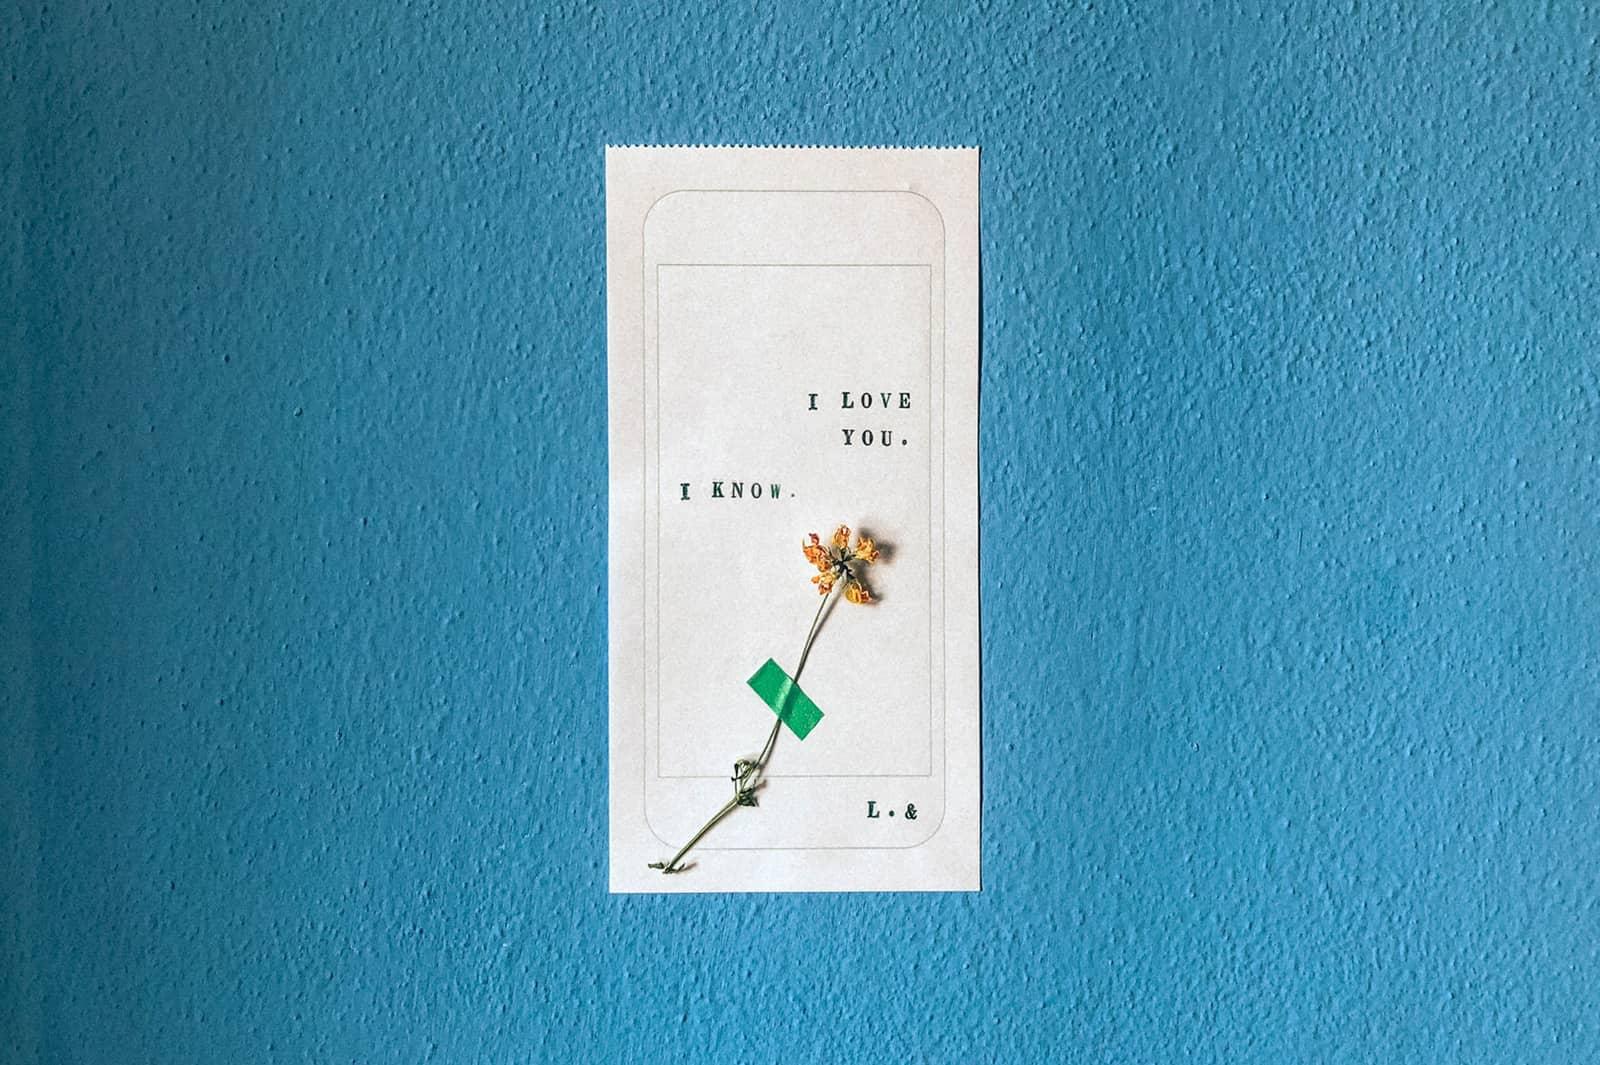 Liebesbotschaft auf Druckpapier mit einer Blume darauf